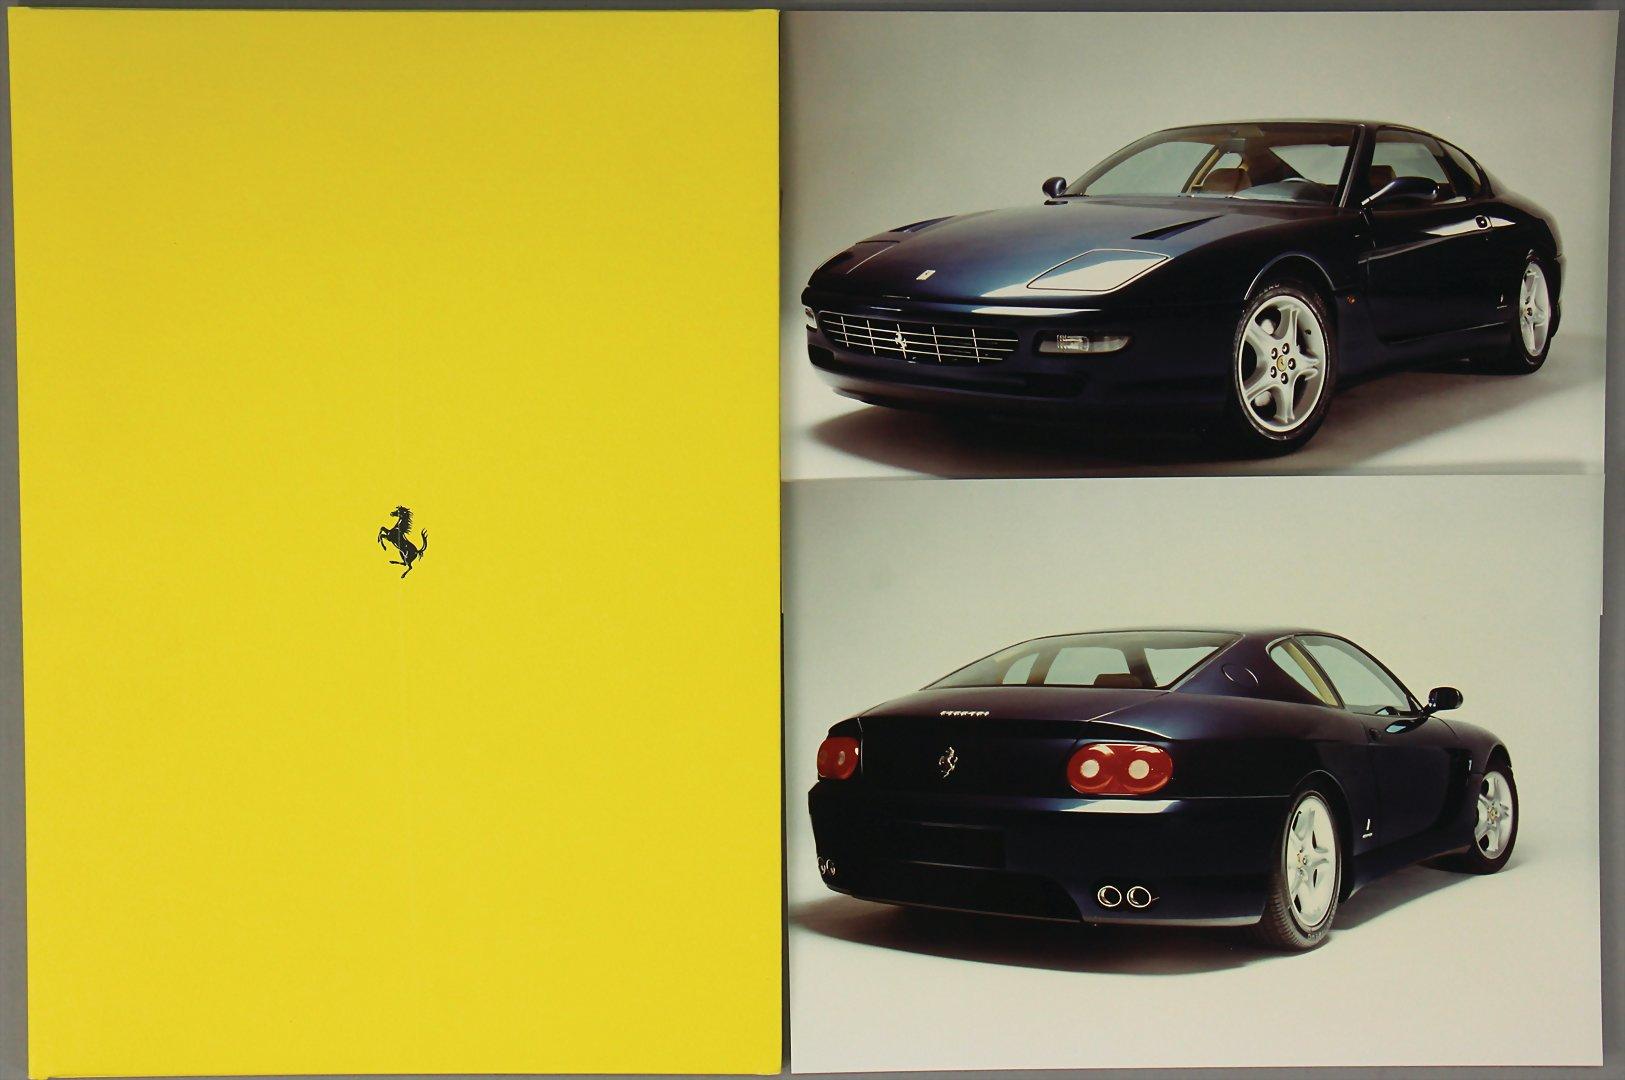 Automobilia Ladenburg Marcel Seidel Auctions Ferrari 456 Wiring Diagram